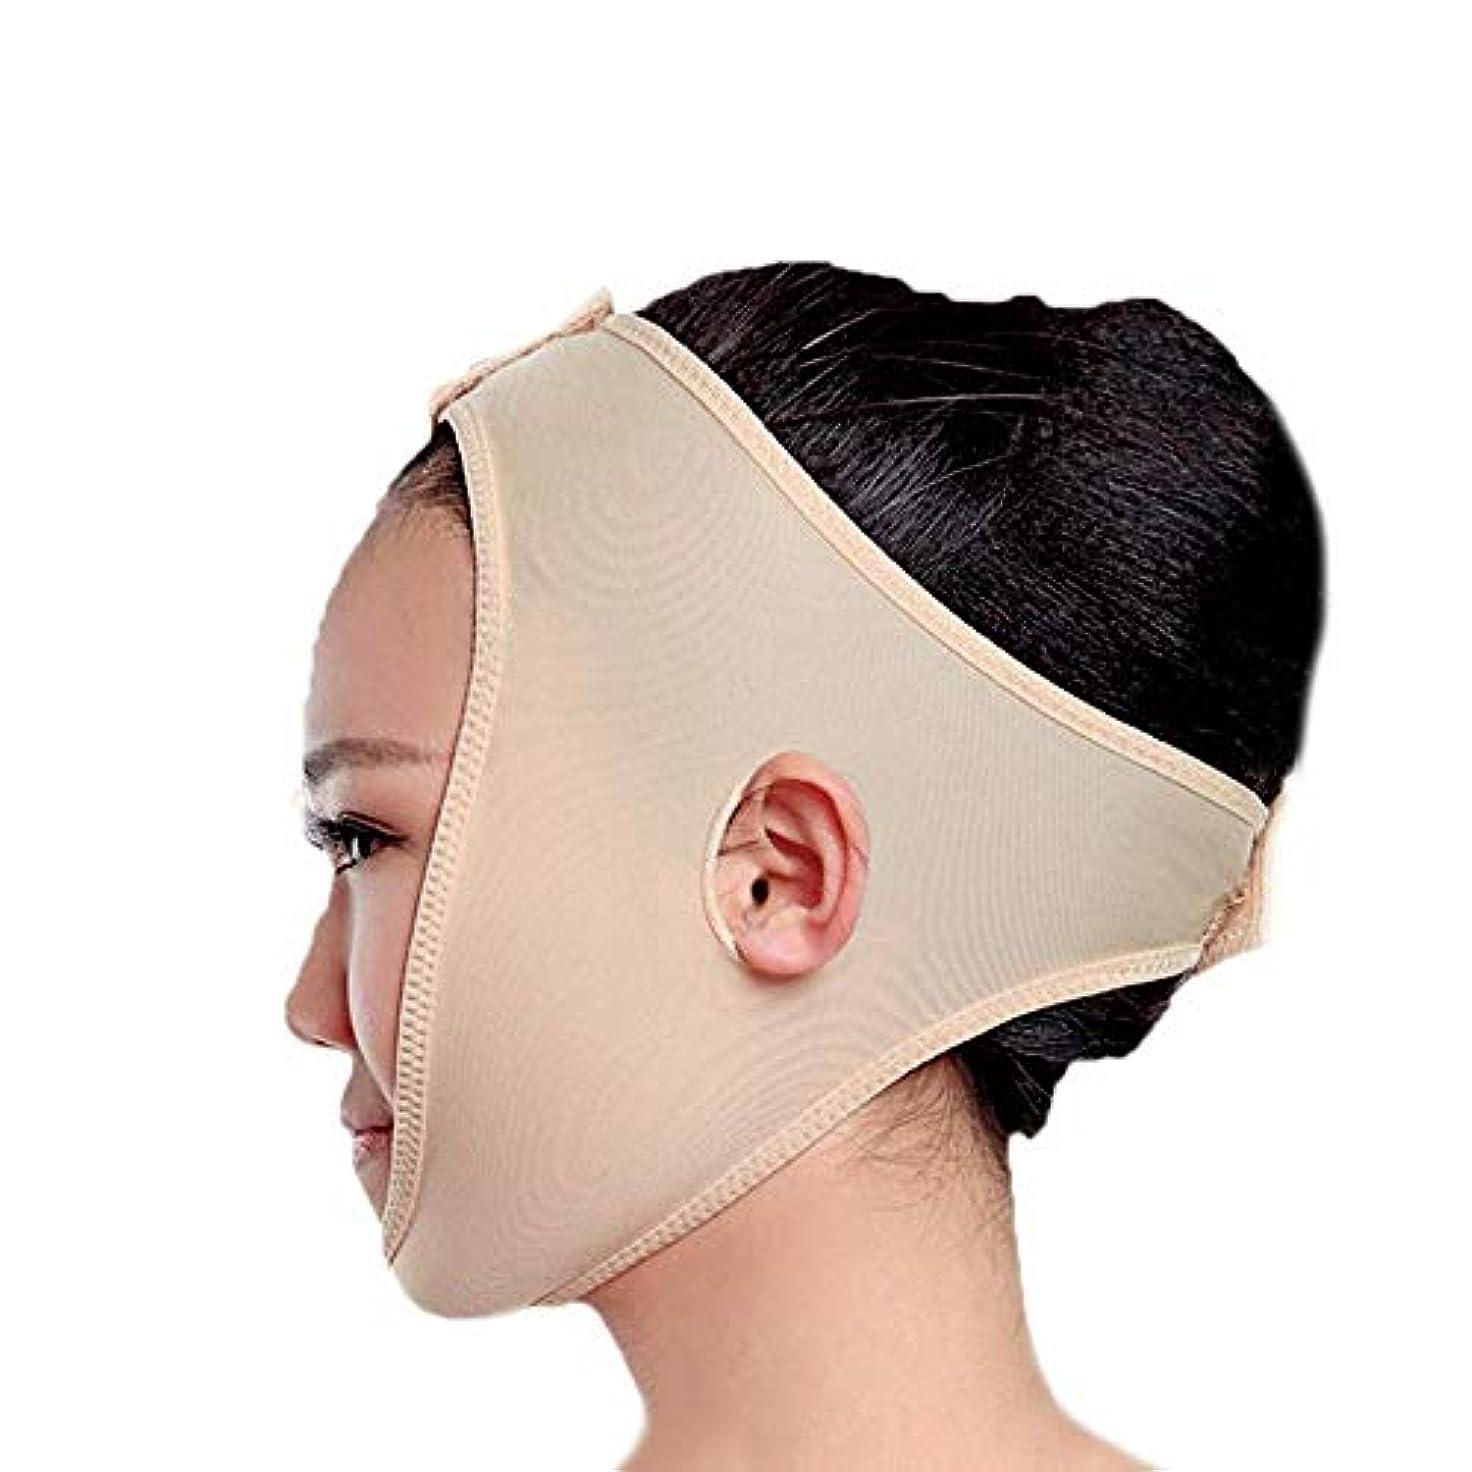 正確タフ予測子フェイススリミングマスク、快適さと通気性、フェイシャルリフティング、輪郭の改善された硬さ、ファーミングとリフティングフェイス(カラー:ブラック、サイズ:XL),黄色がかったピンク2、L